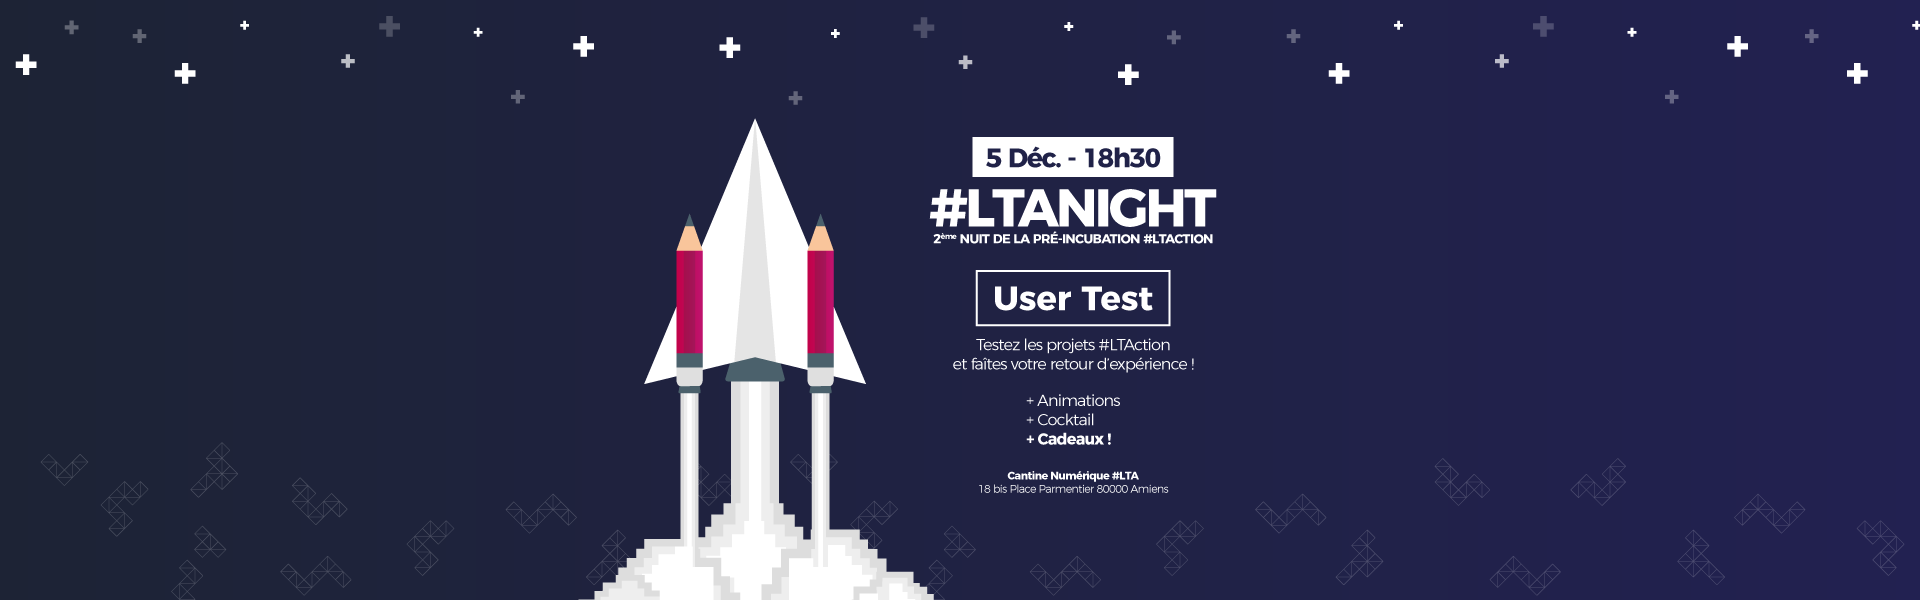 Ltanight 2 site